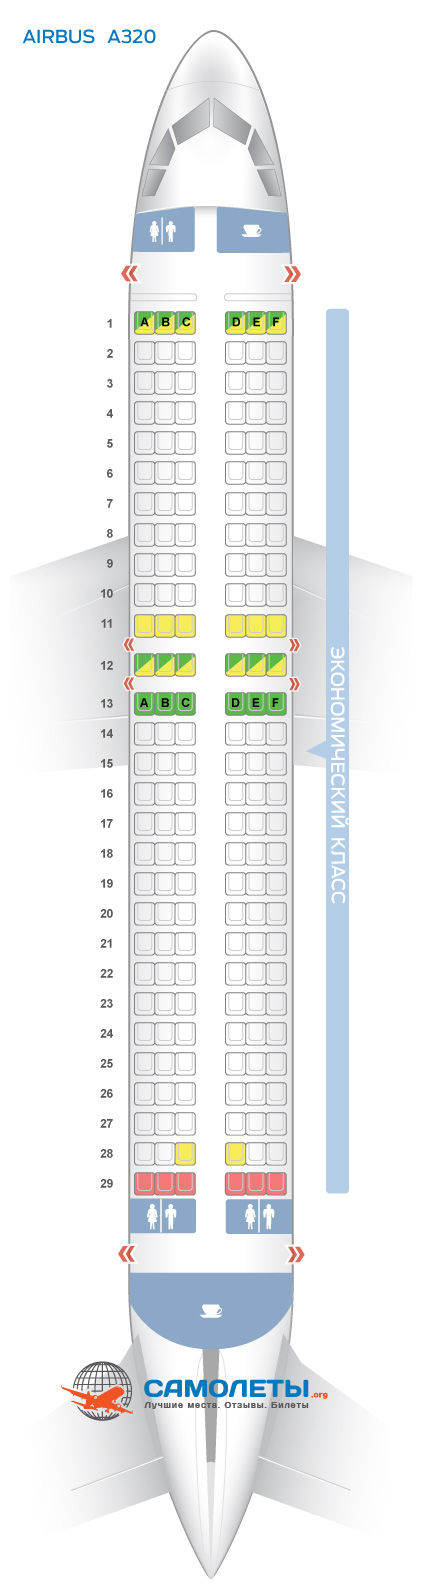 Схема салона Airbus A320